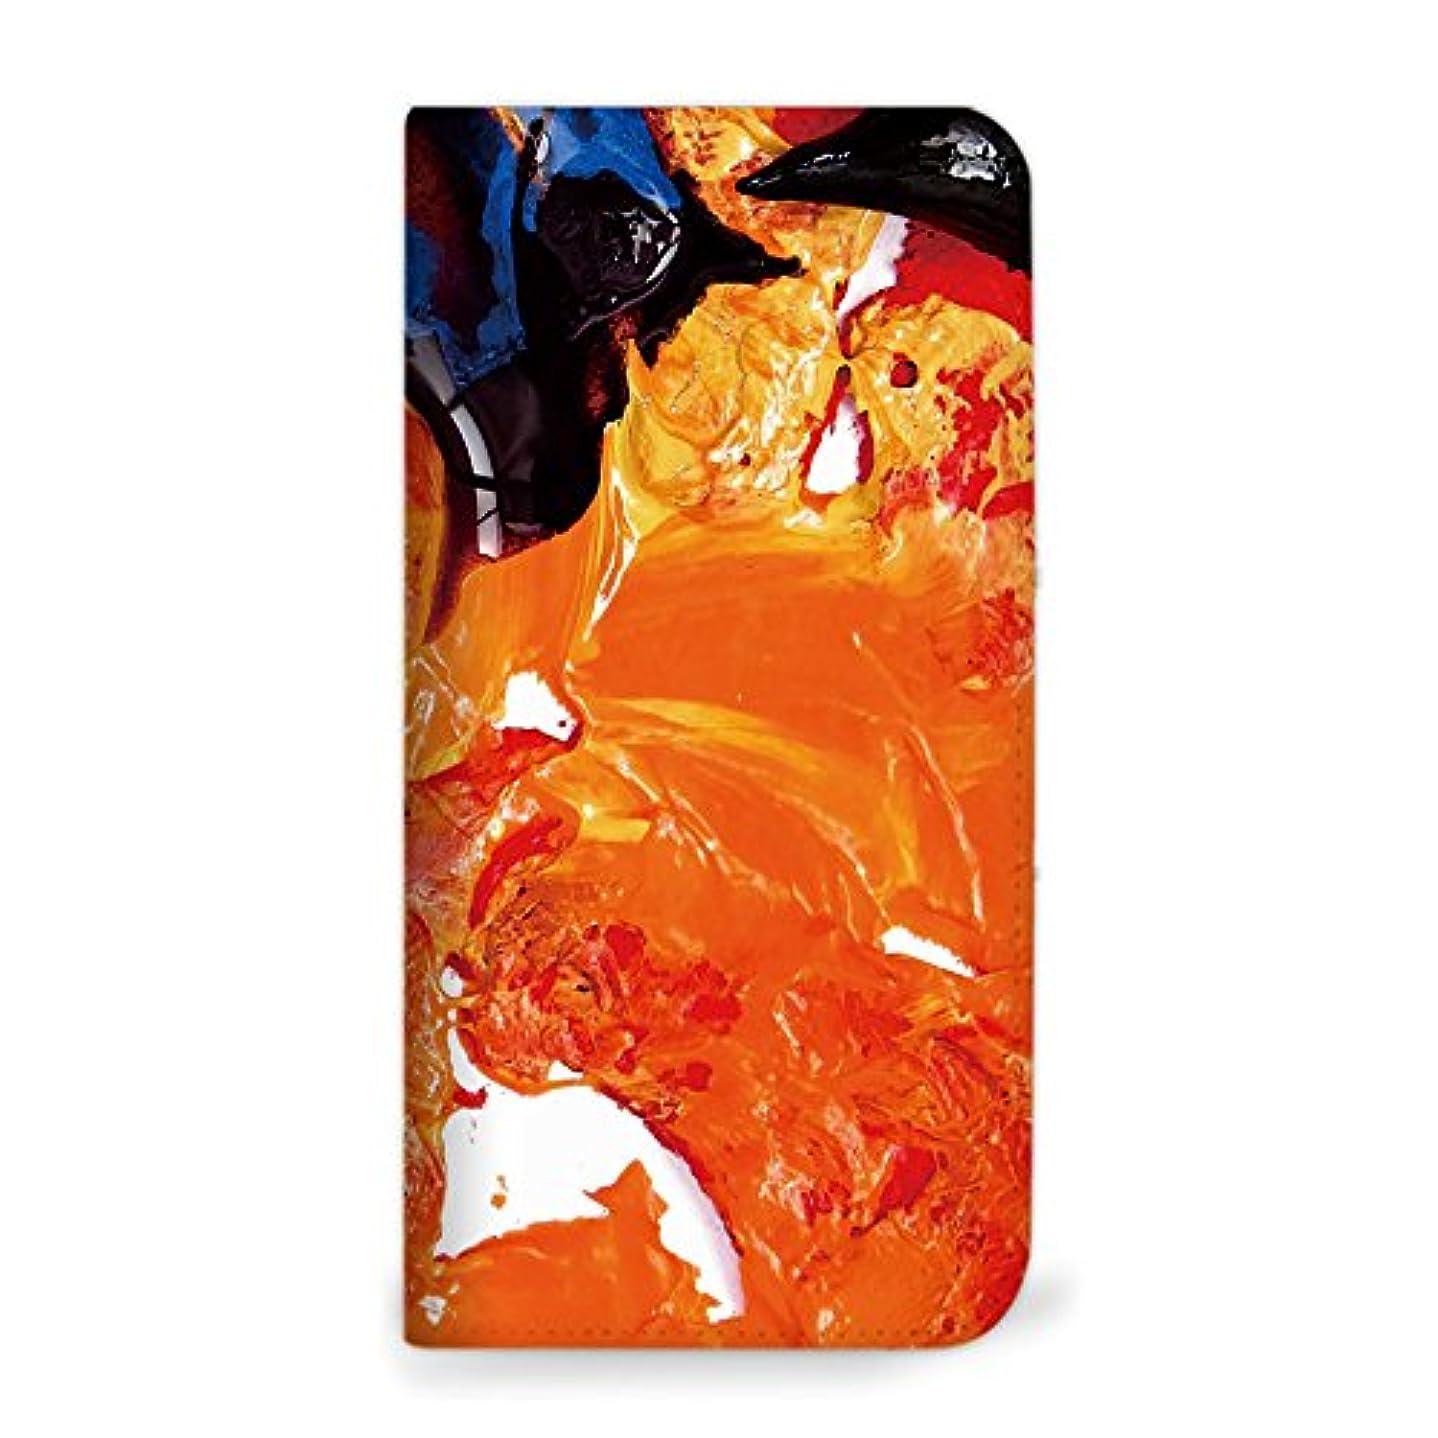 終了する夫燃やすmitas Galaxy S8 Plus SM-G955 ケース 手帳型 ベルトなし ペイント柄 ペイントA (342) NB-0098-PA/SM-G955